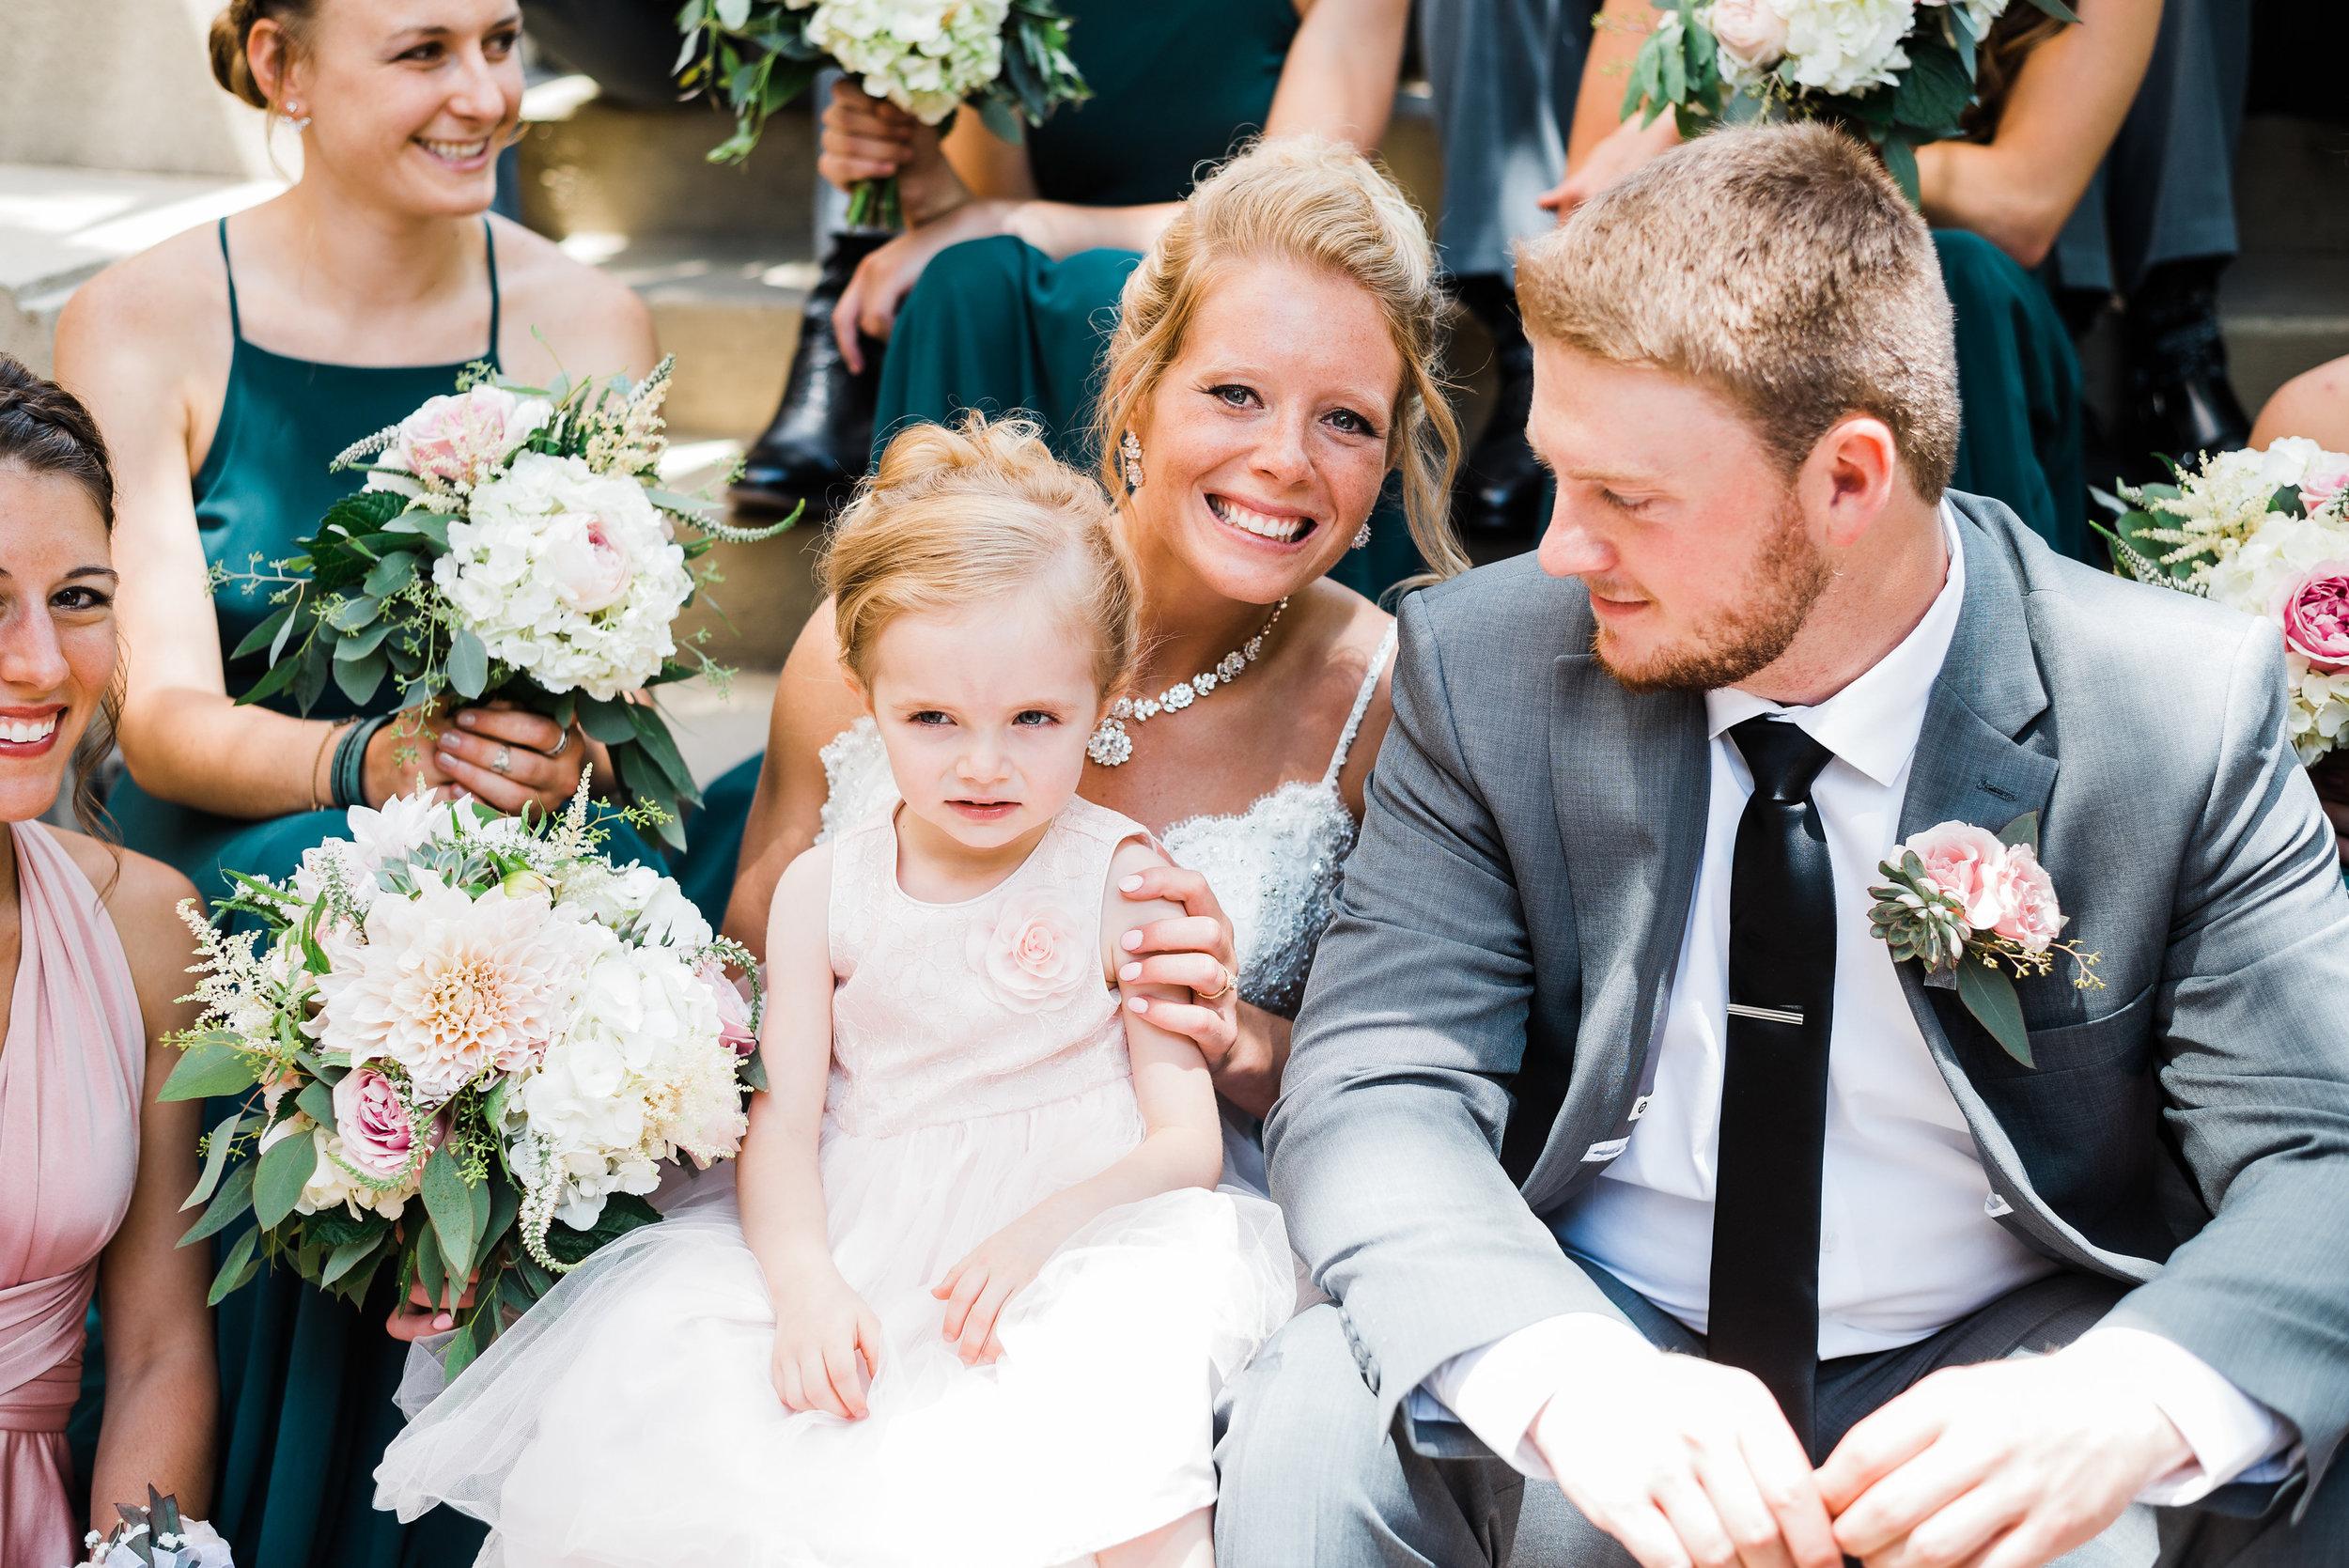 Downtown Iowa City Wedding Photographer